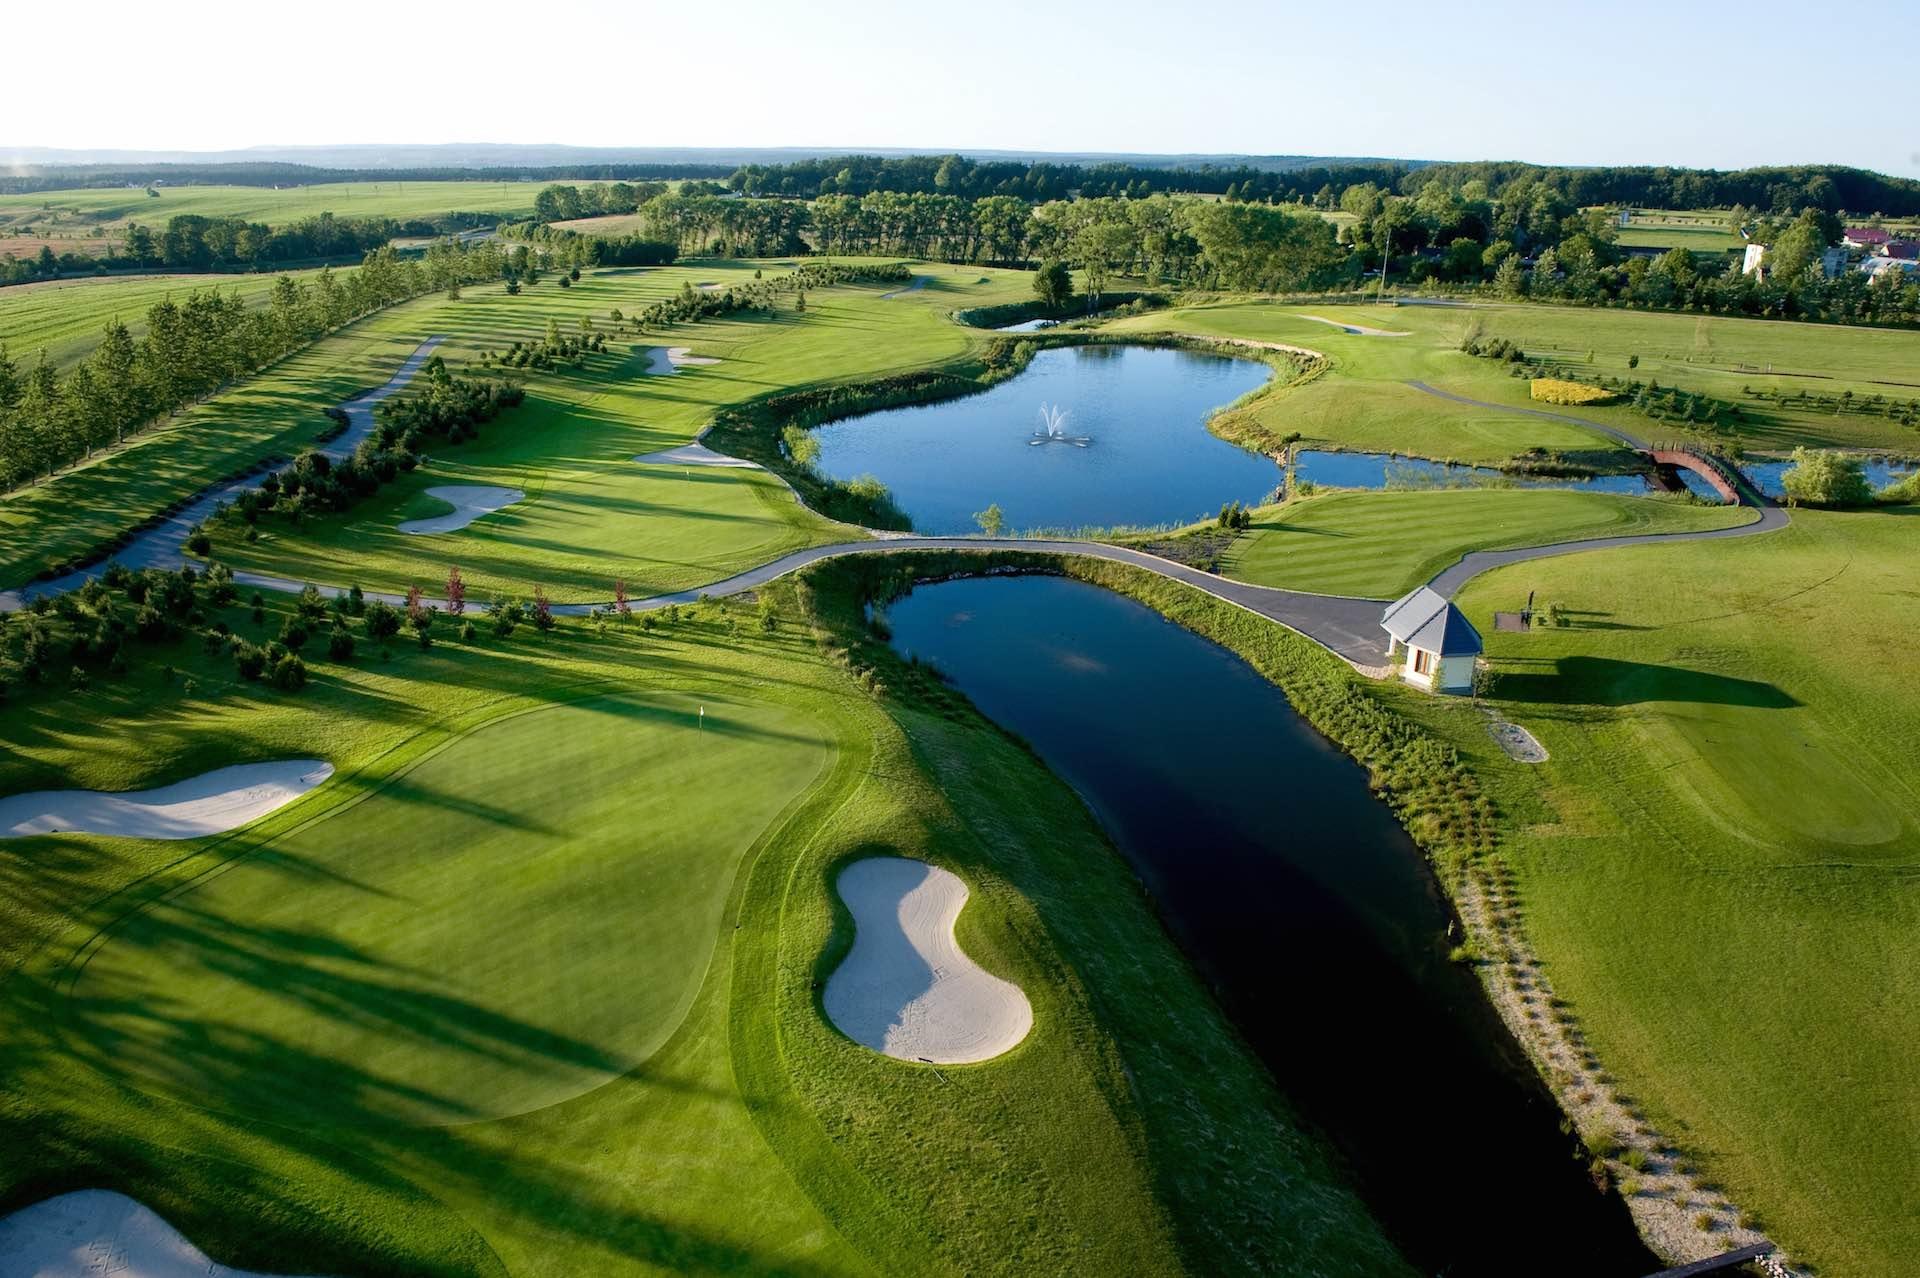 гольф клуб картинки крылья